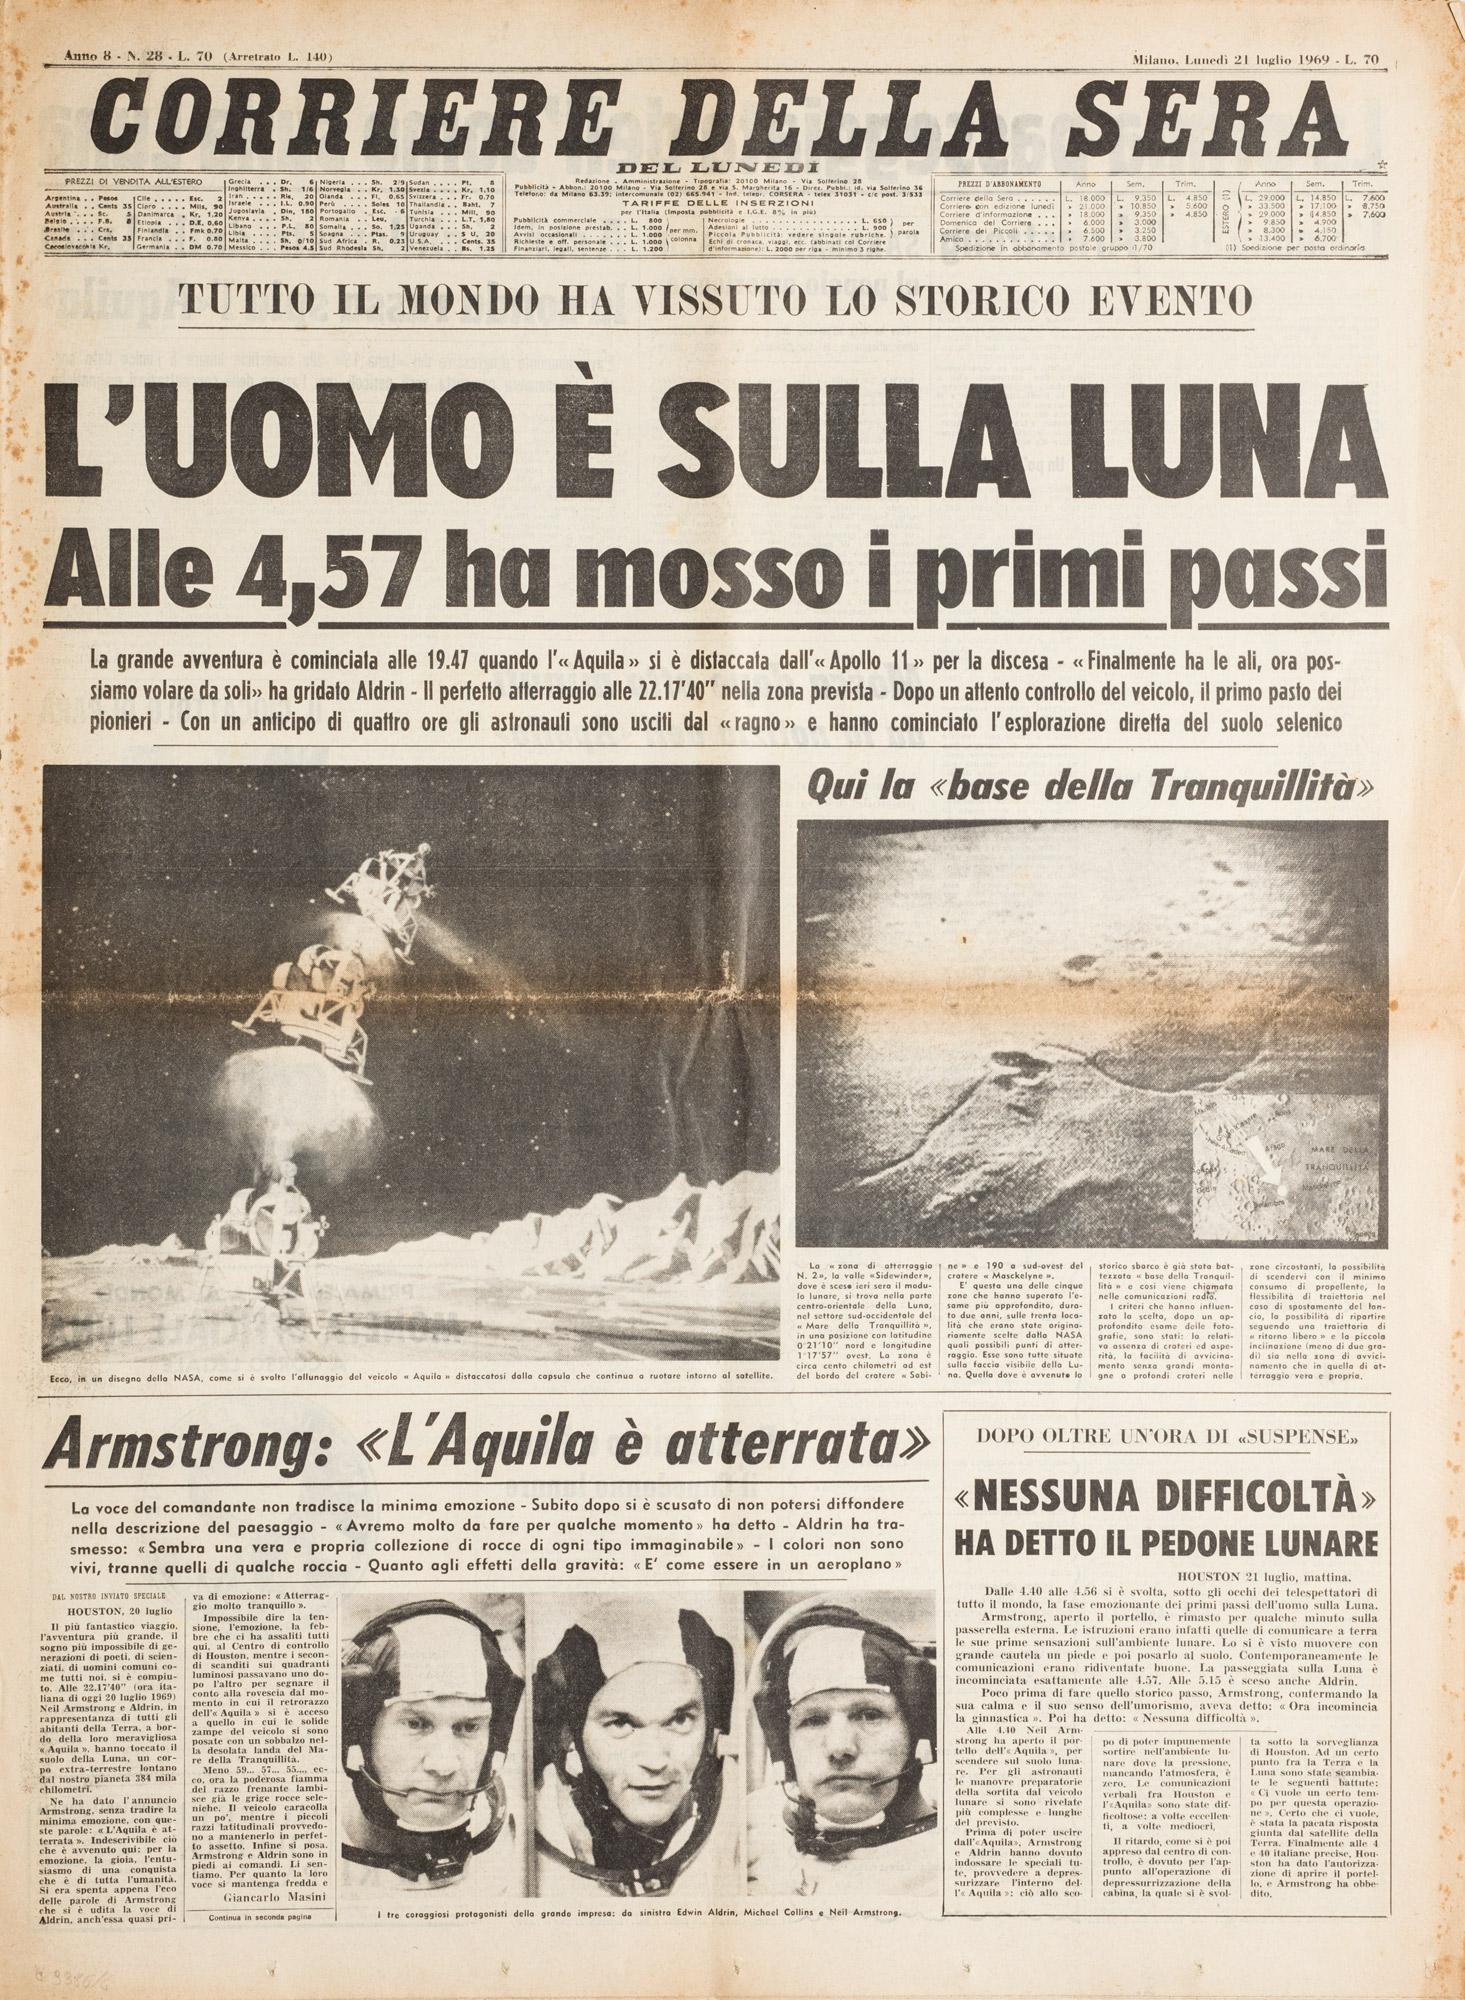 Primo viaggio nello spazio e sbarco sulla luna